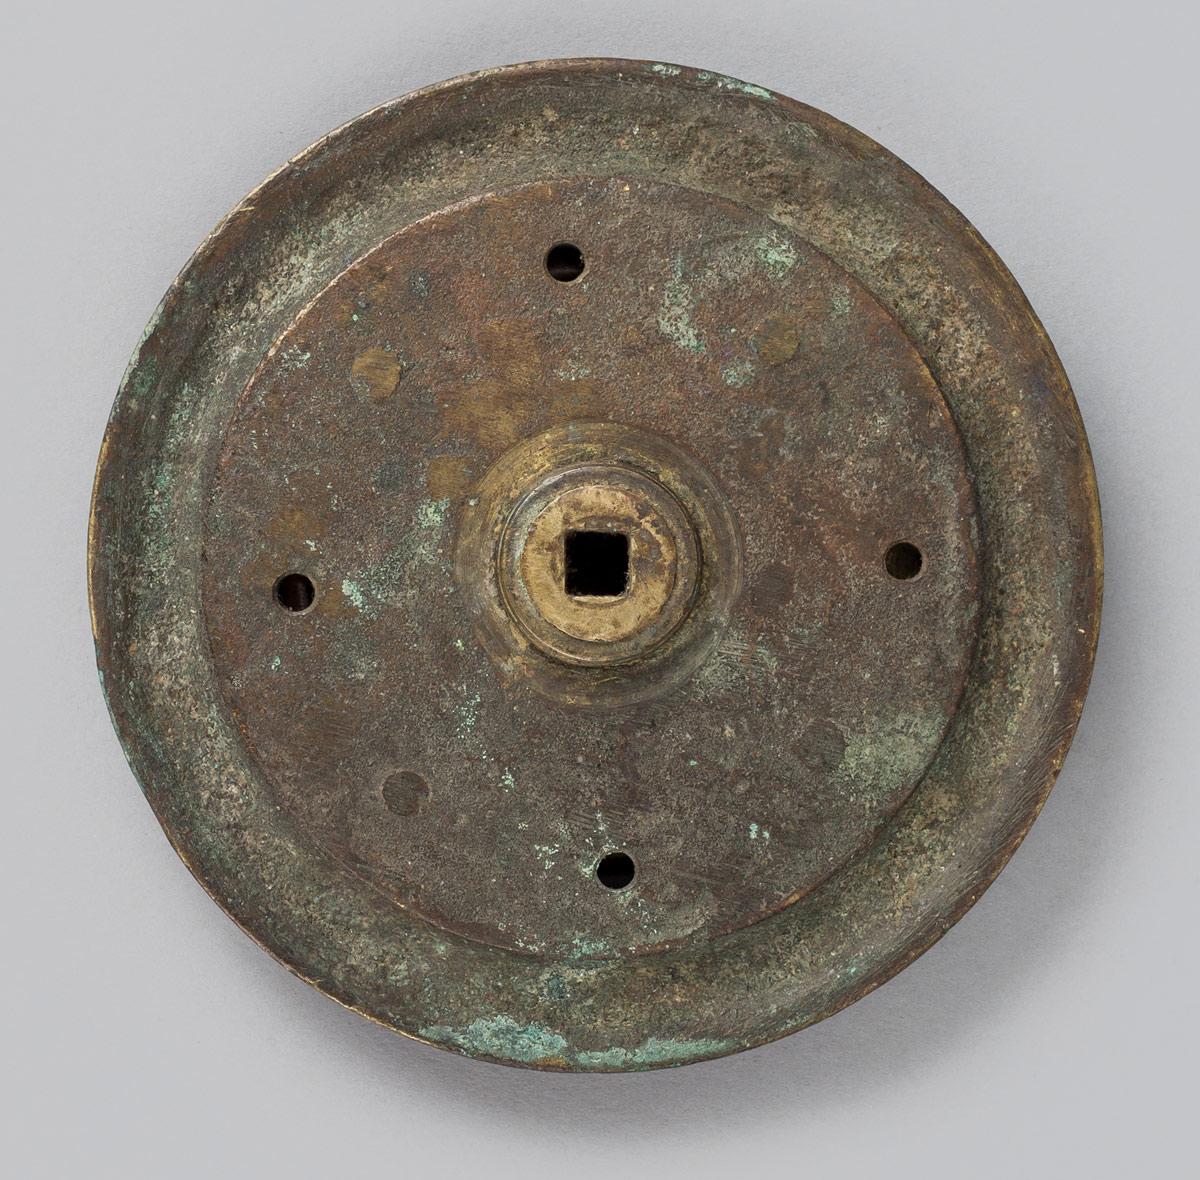 - Antique Bronze Stable Door Knocker